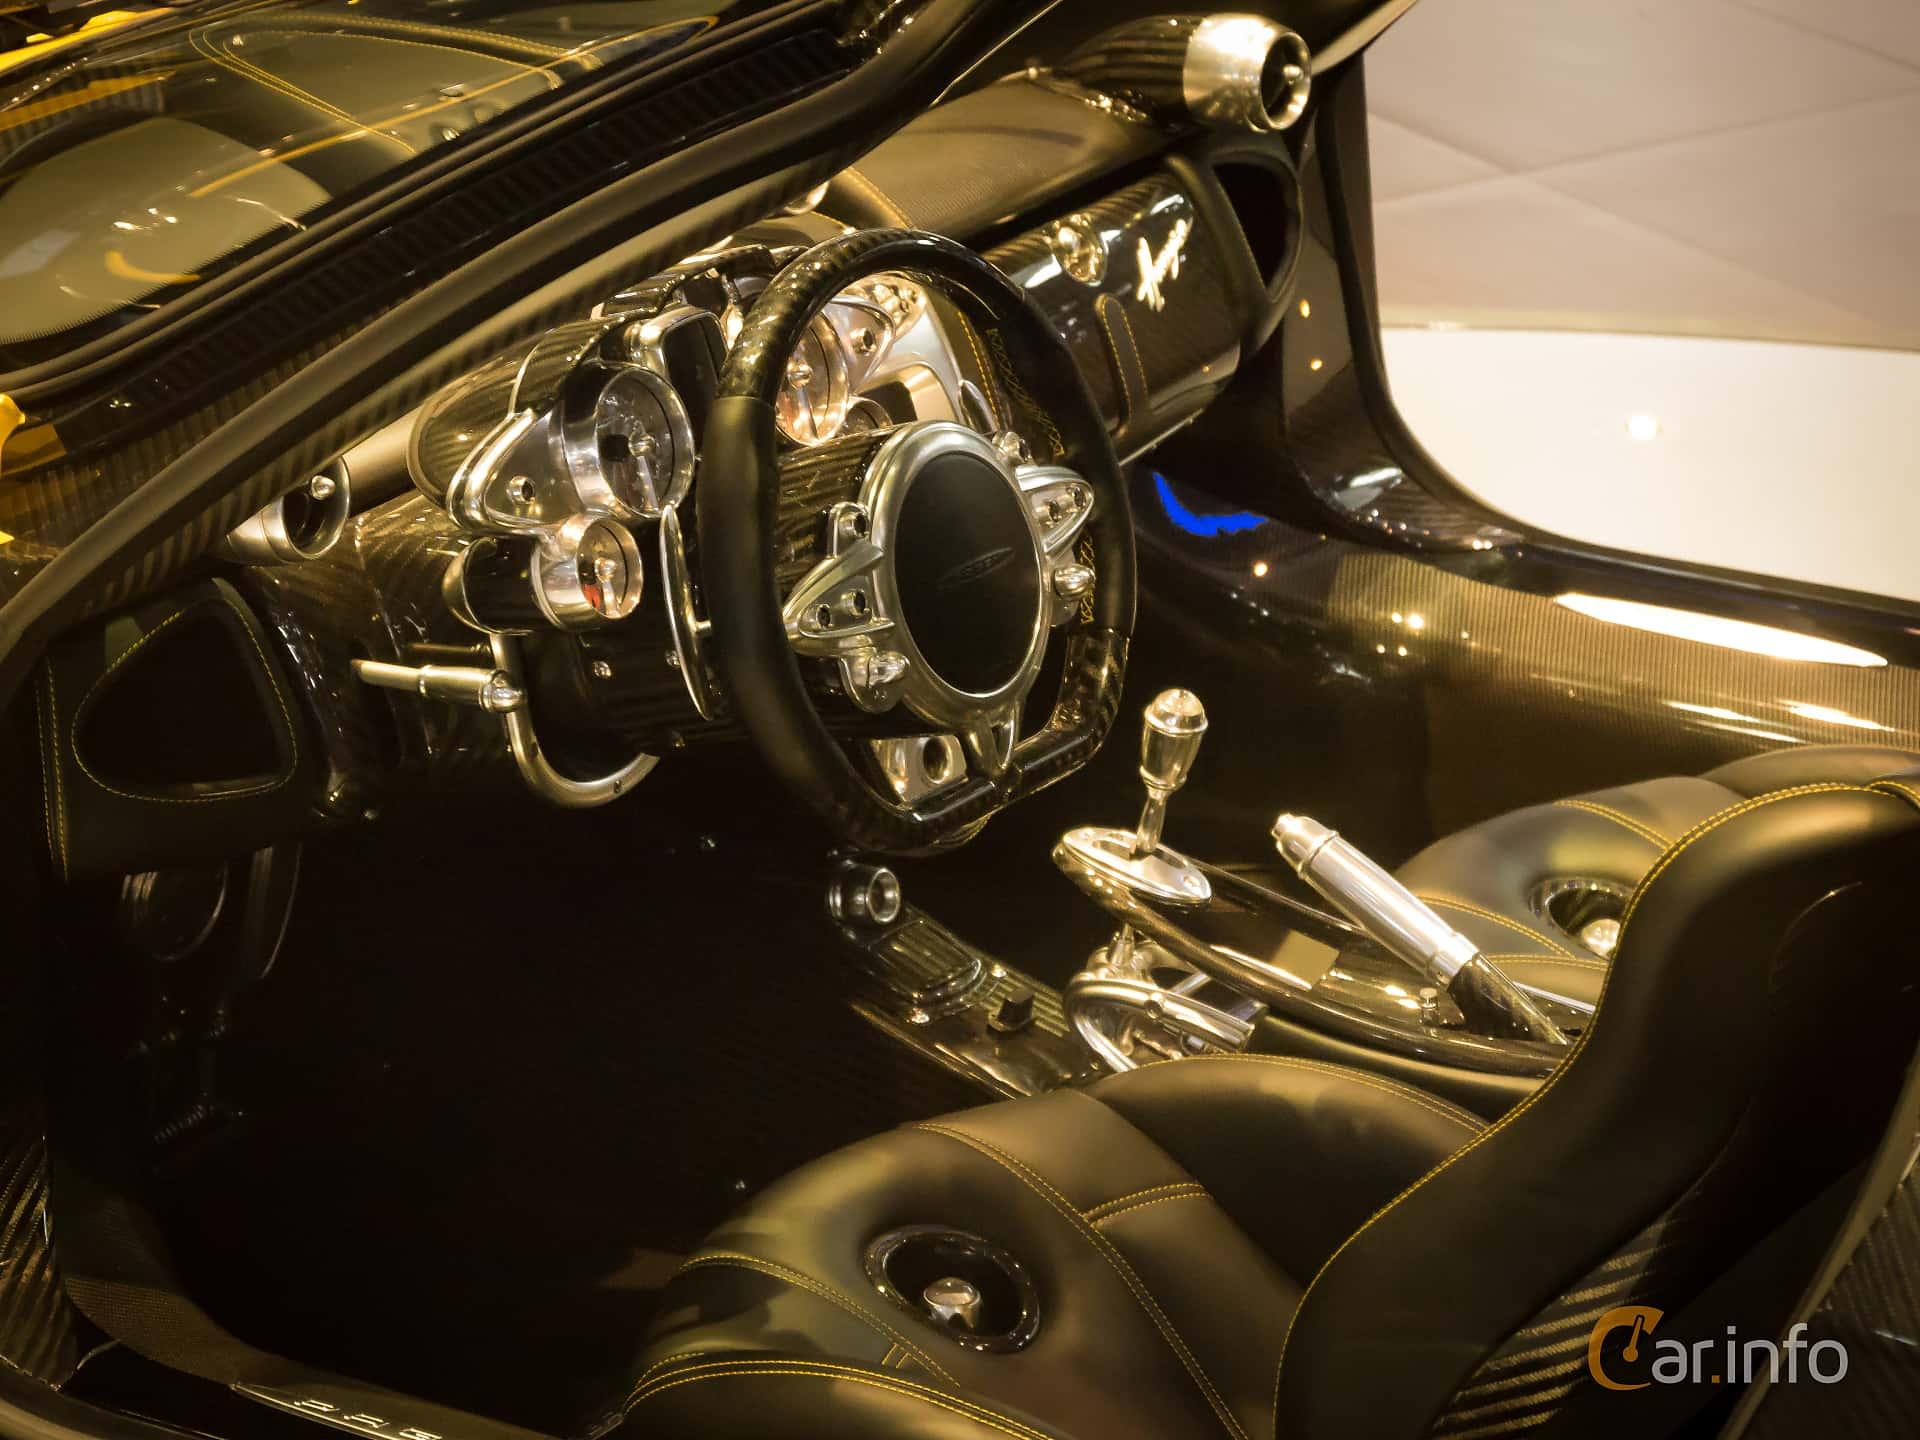 pagani huayra interior - HD1920×1440